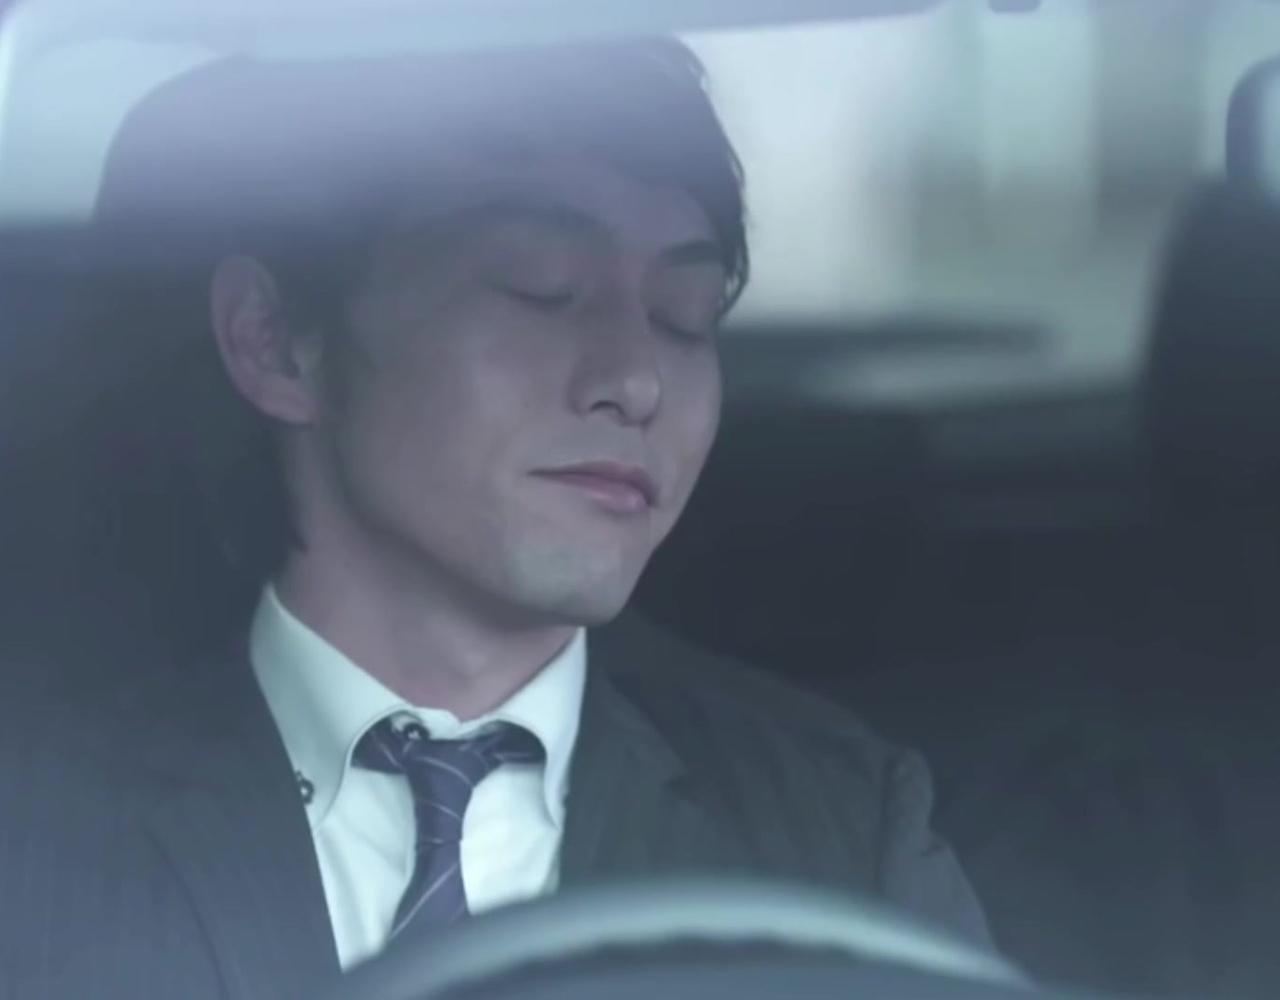 乃木坂46 白石麻衣 西野七瀬 齋藤飛鳥 forTUNE music New TV spot 60秒ver.